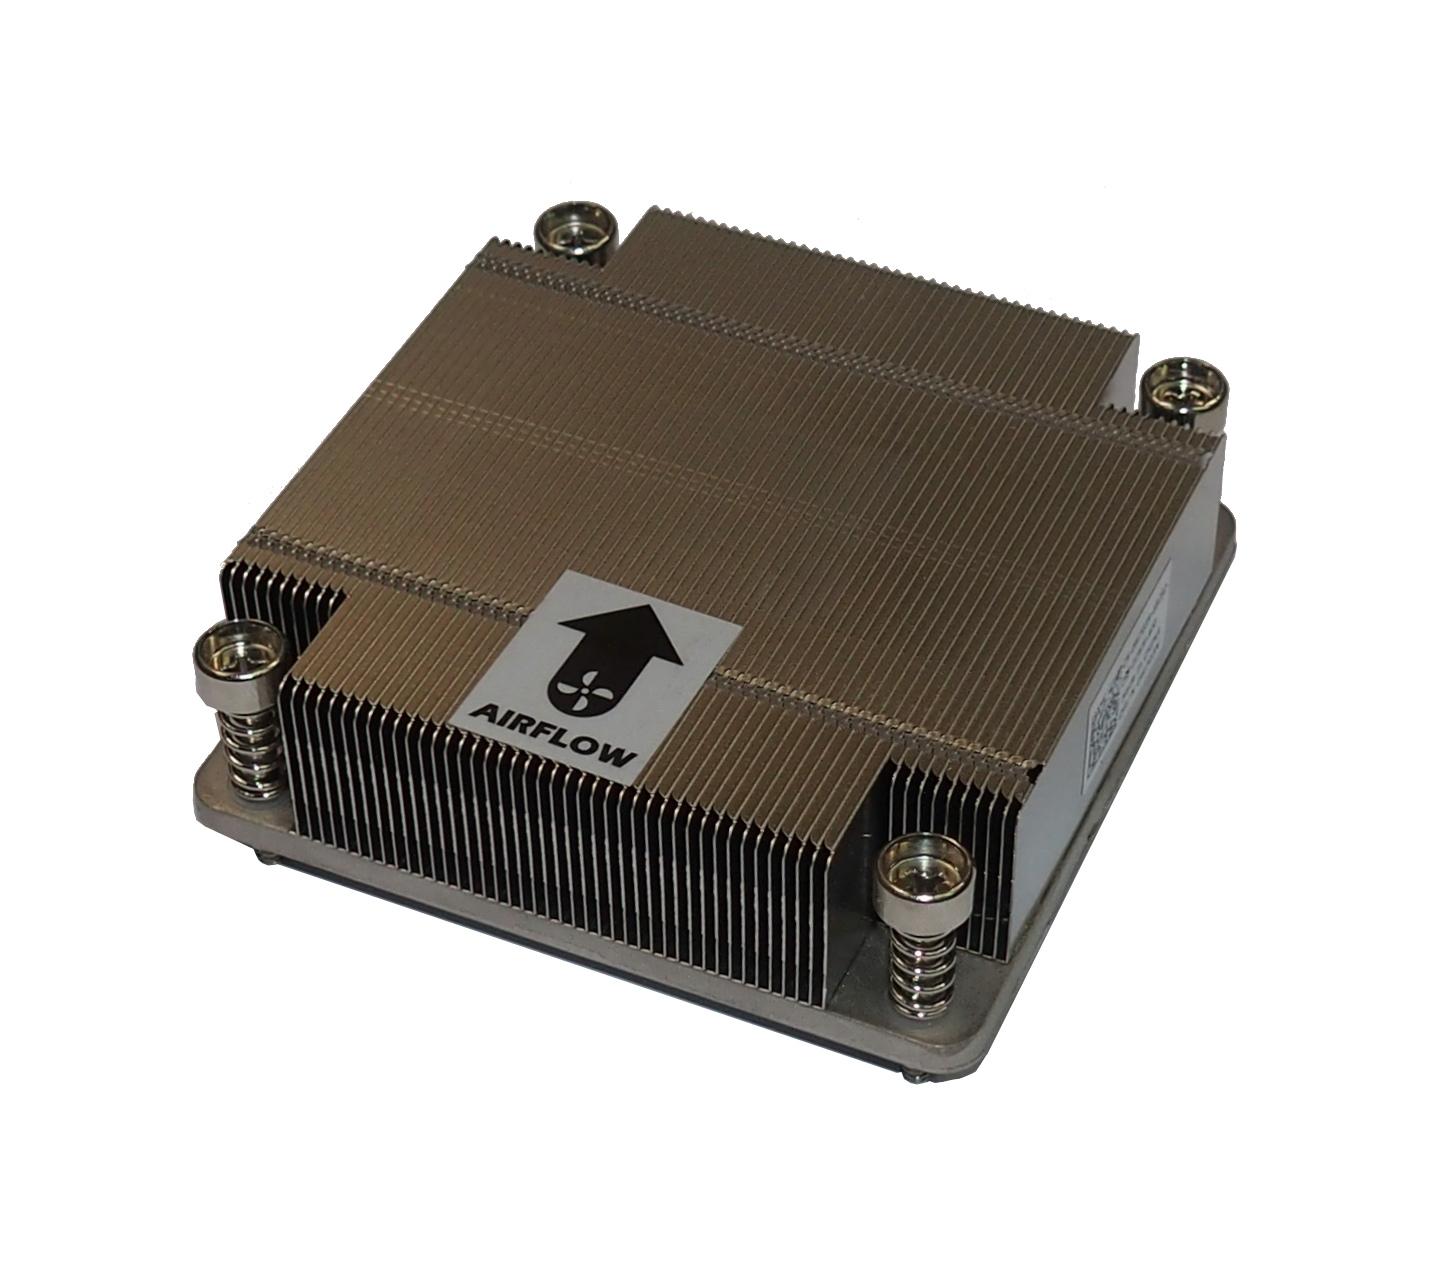 Dell W703N PowerEdge R210 II CPU Heatsink